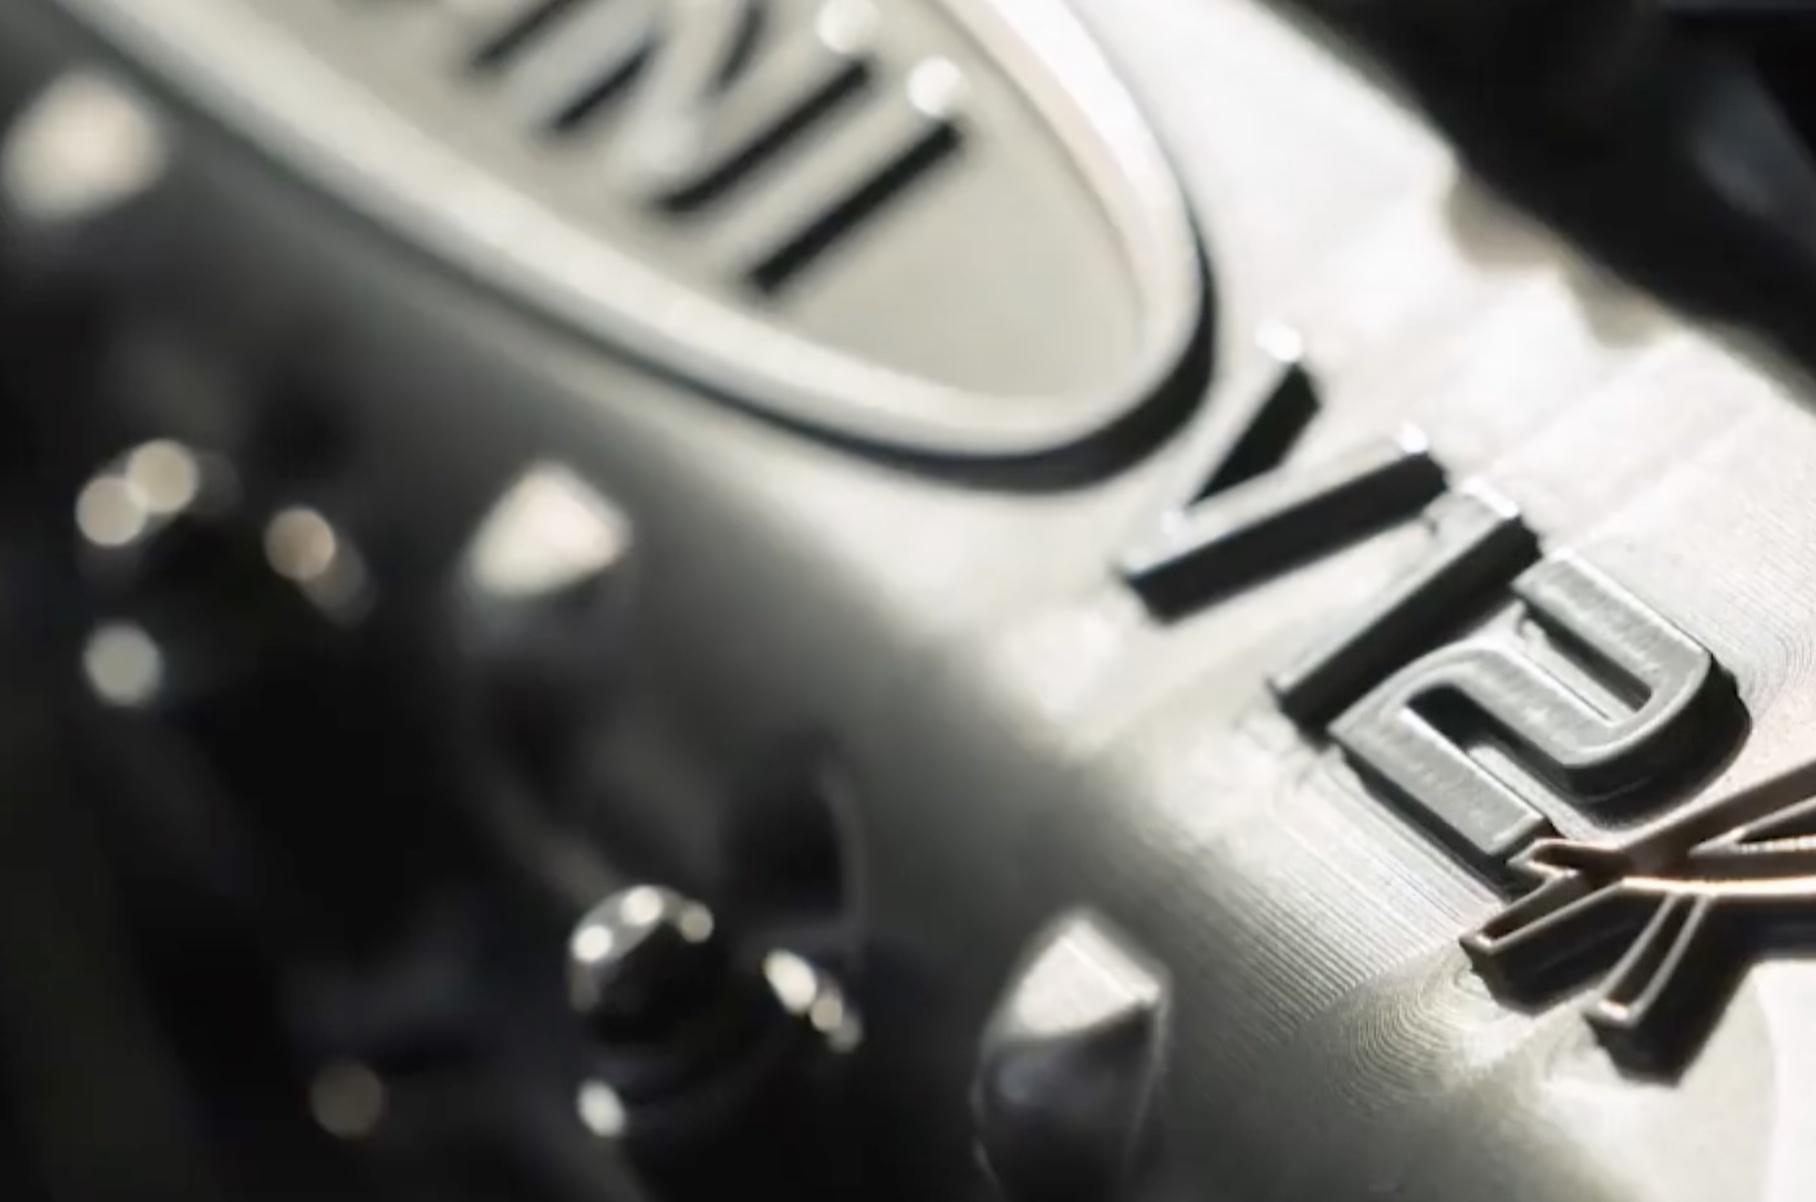 Pagani дала послушать звук двигателя экстремальной Huayra R Новости